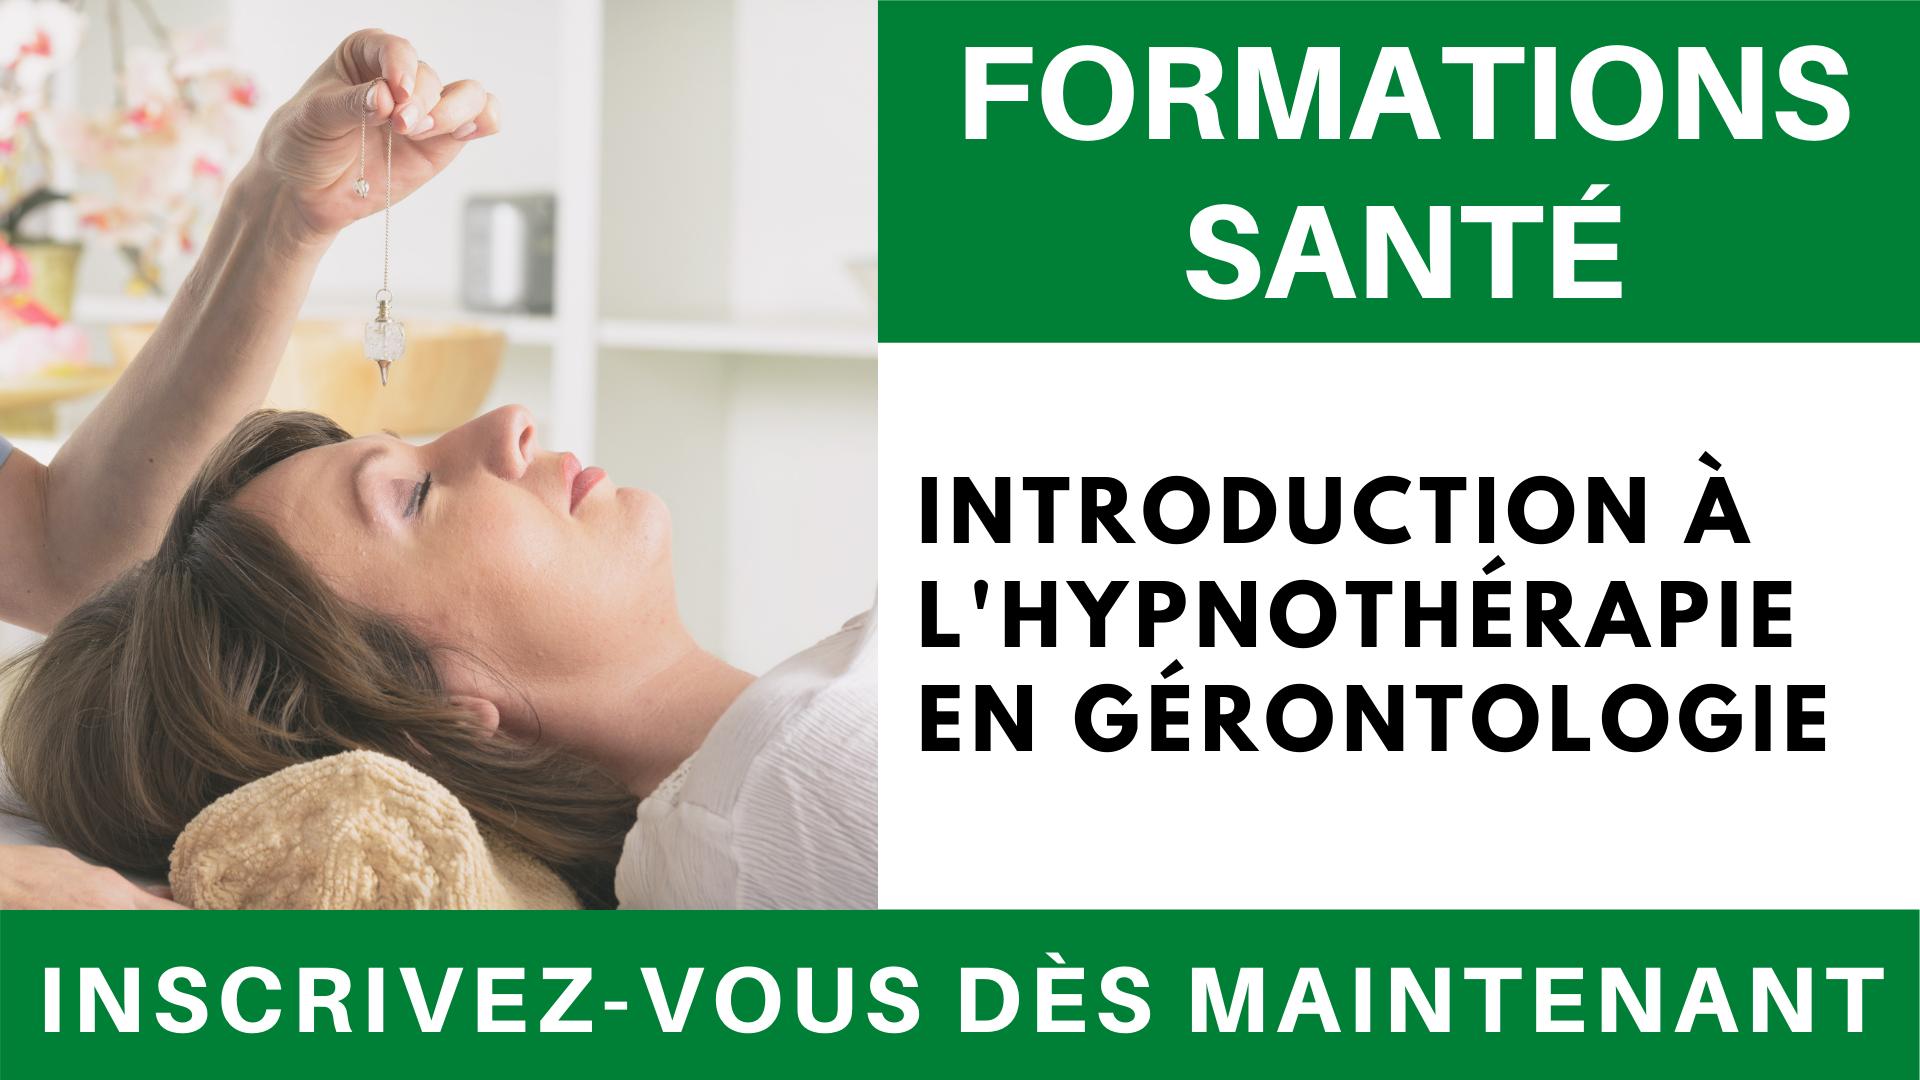 Formation santé _ Introduction à l'hypnothérapie en gérontologie